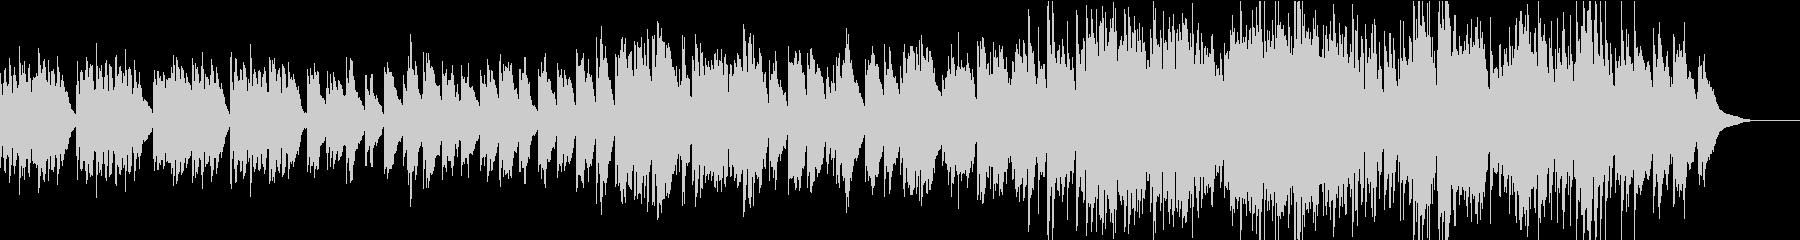 エコーの効いた前向きなピアノソロの未再生の波形